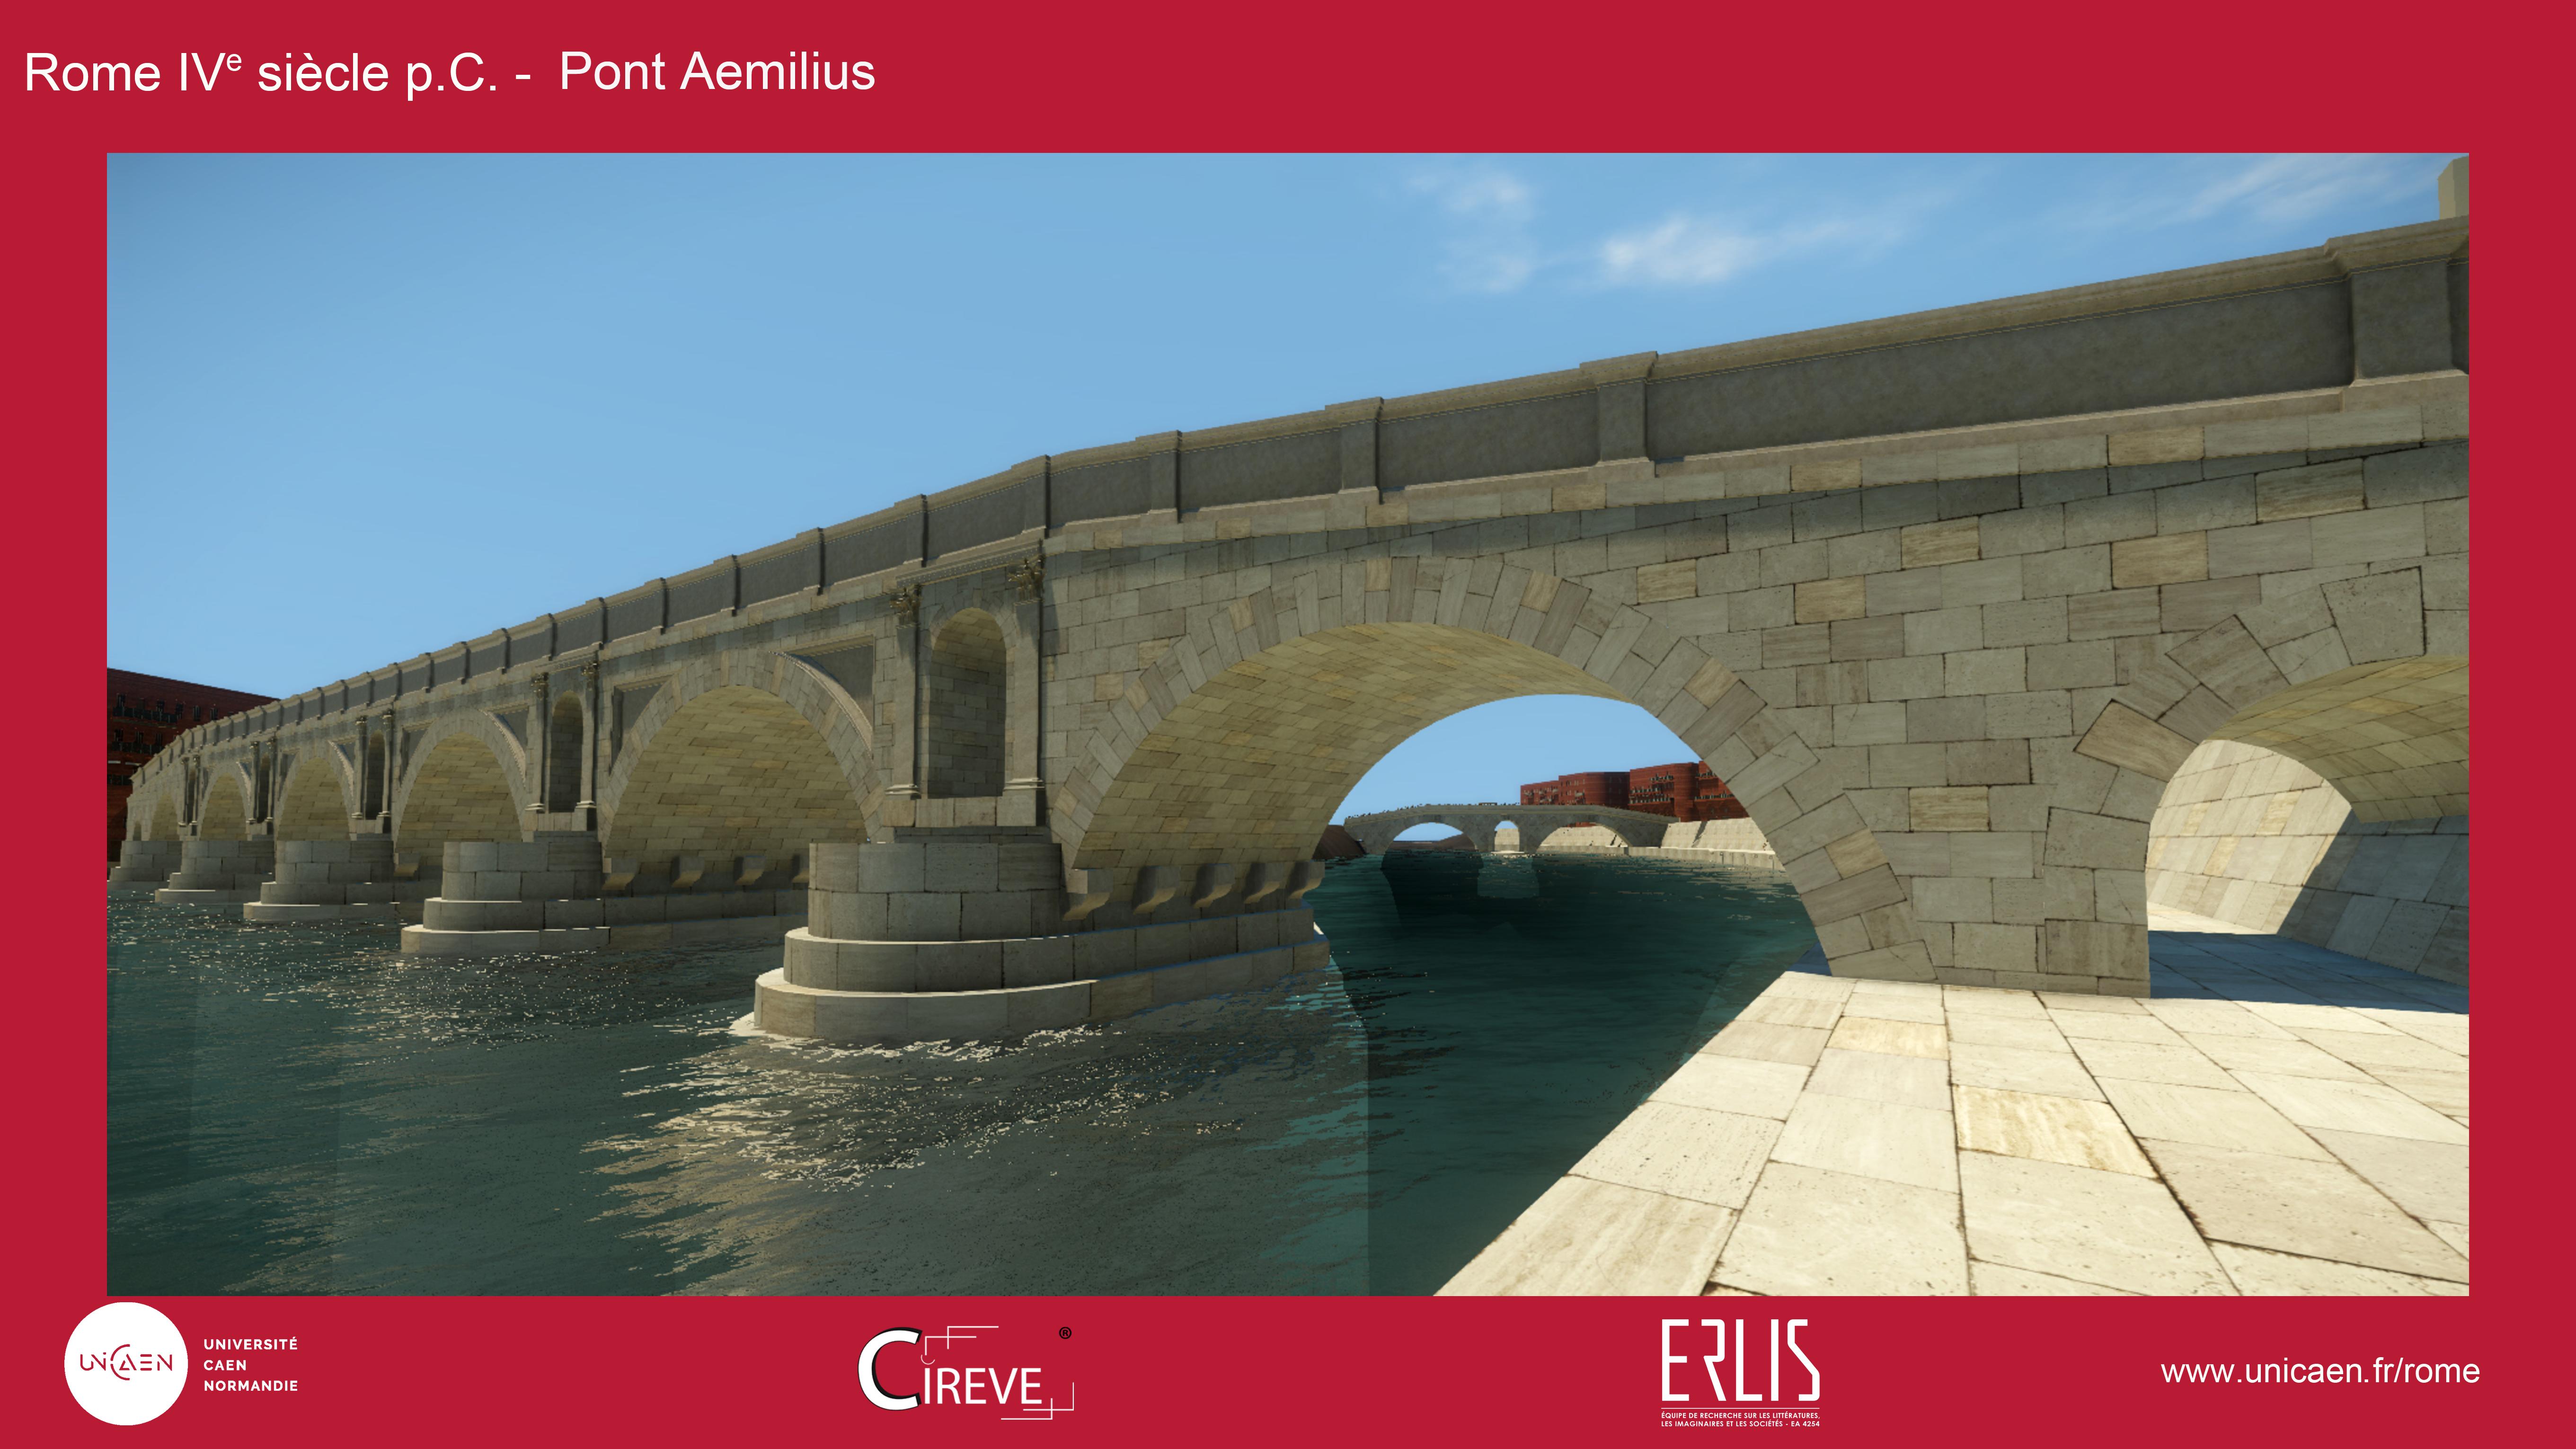 Pont Aemilius